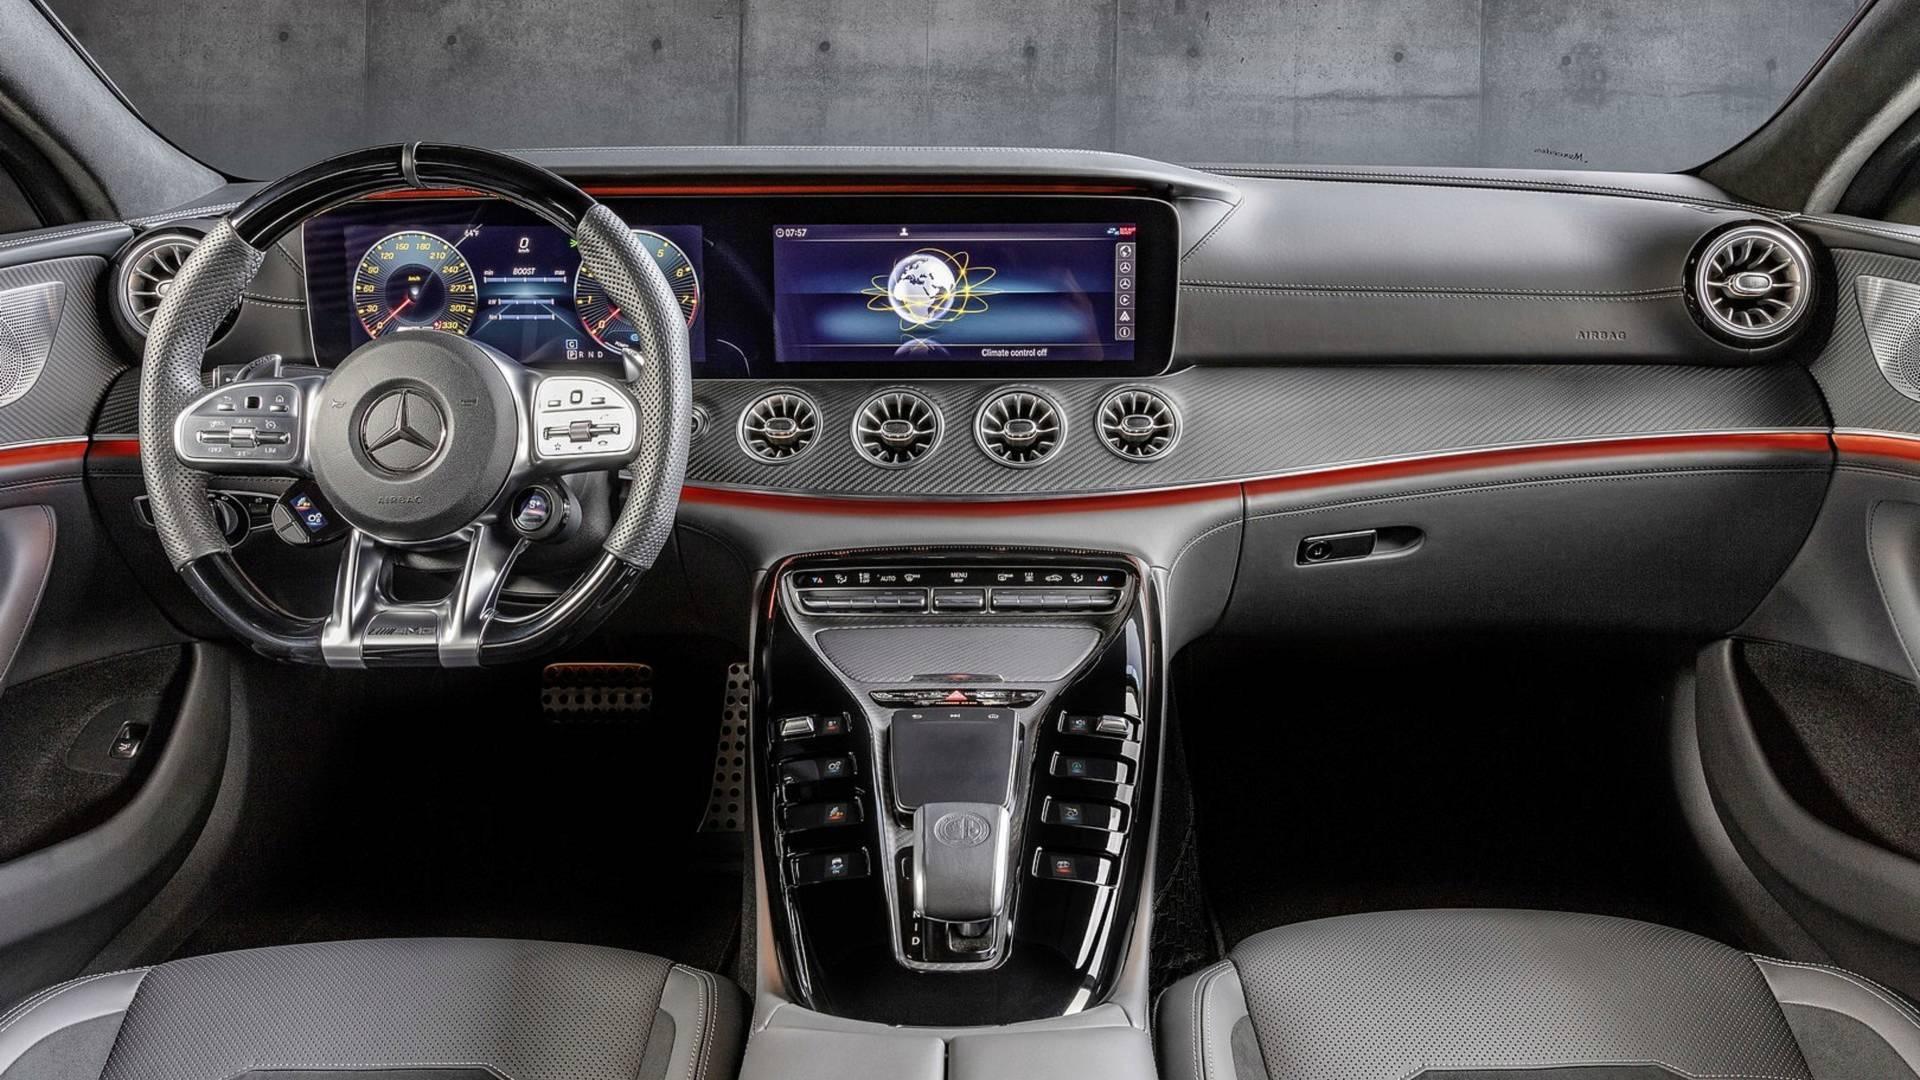 2019-mercedes-amg-gt-43-four-door-coupe (8).jpg